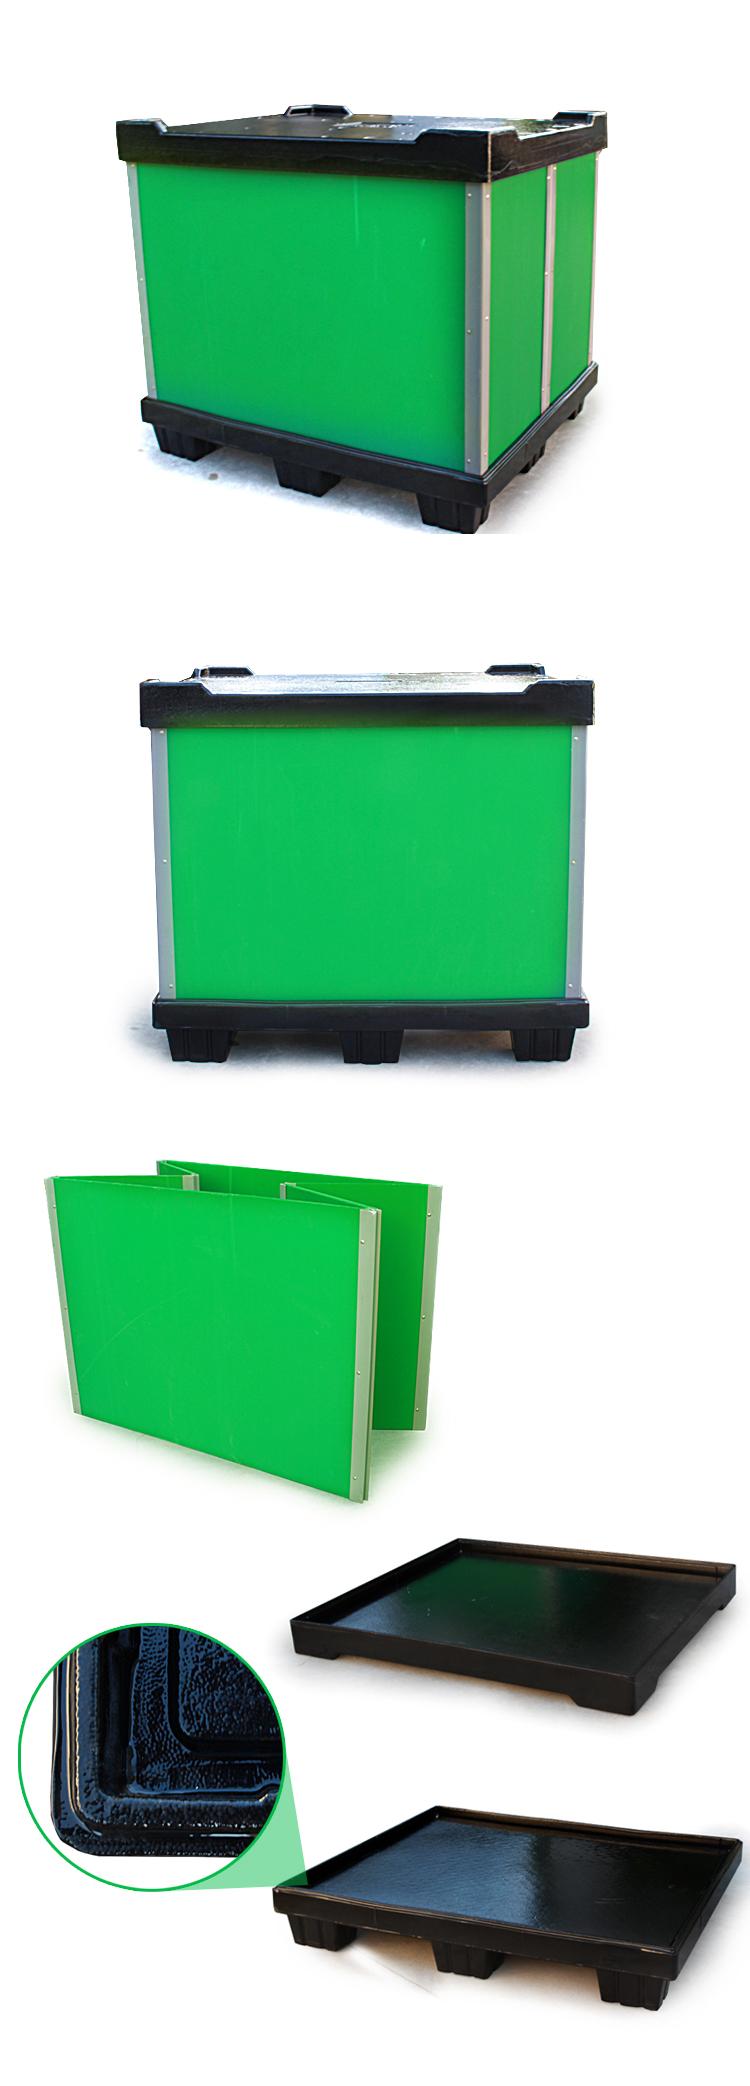 中空板航空专业轻质物流箱